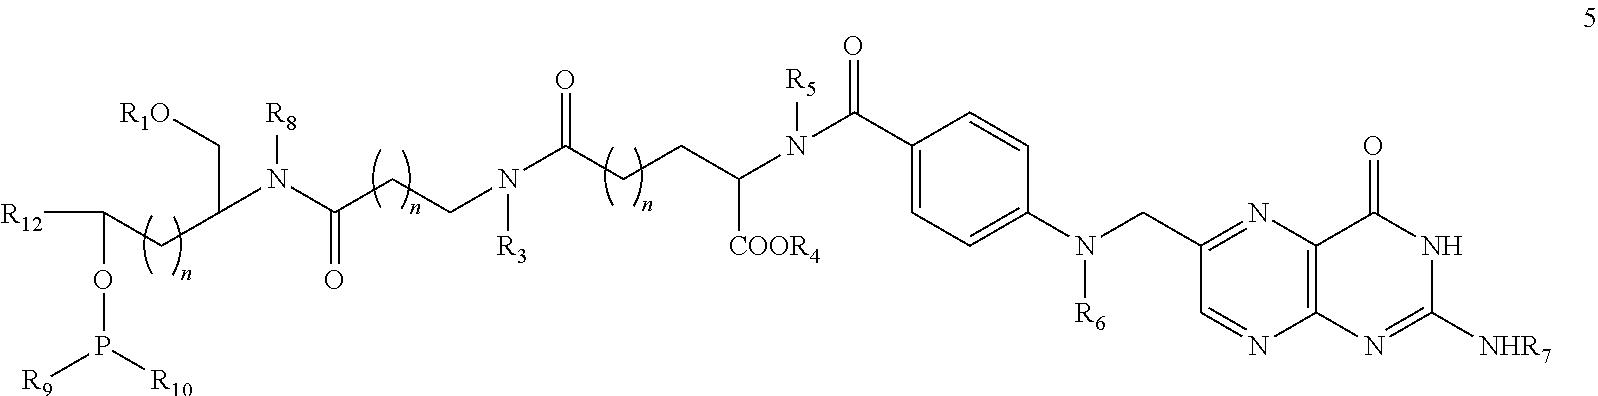 Figure US09771588-20170926-C00012